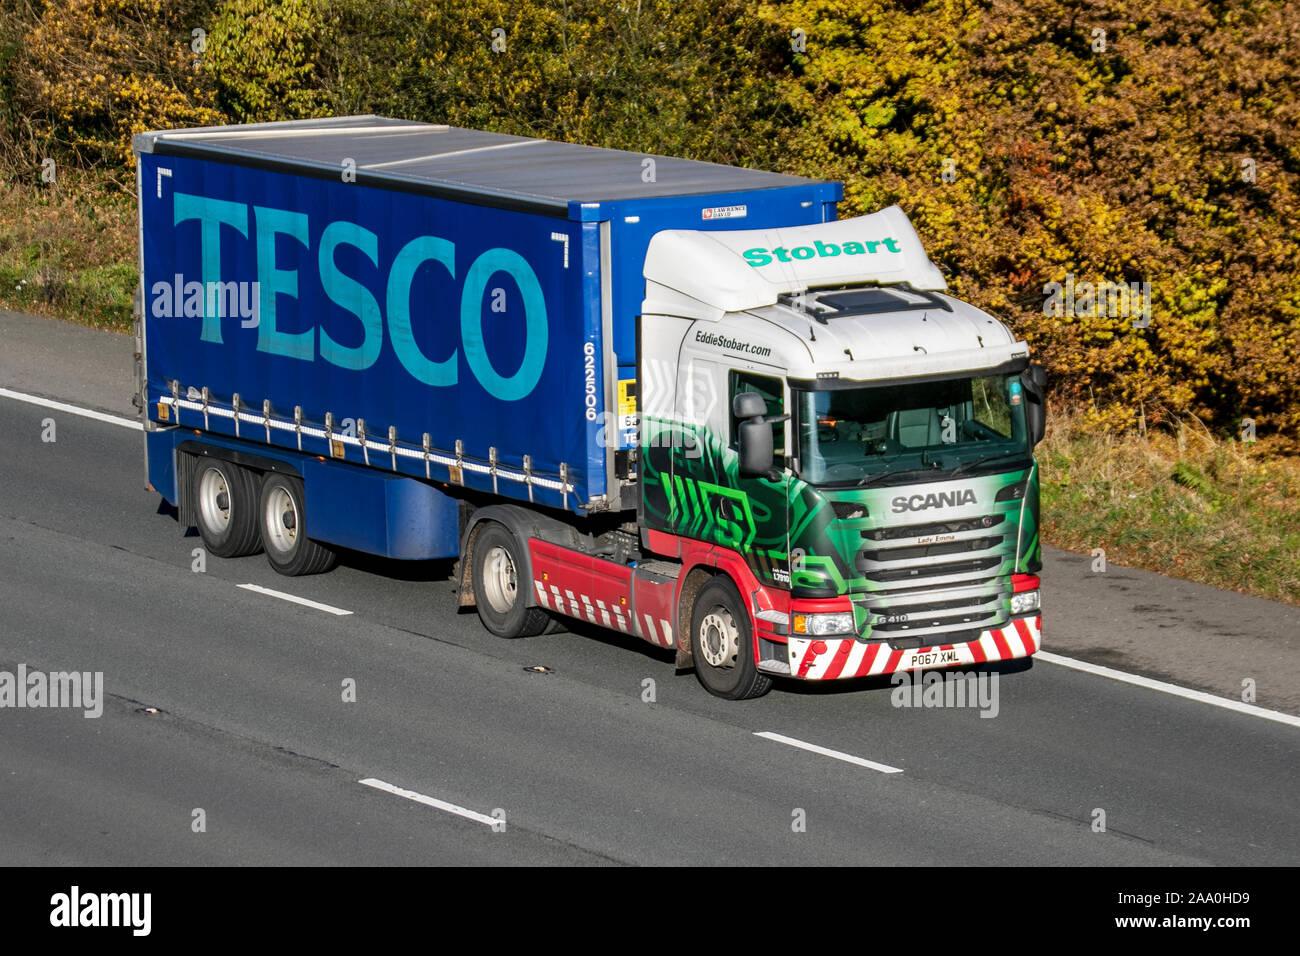 Tesco Anhänger, Lkw, Stobart Güterkraftverkehr, Spedition LKW, Lkw, Transport, Lastwagen, Cargo Carrier, Fahrzeug, Lieferung, den gewerblichen Verkehr, Industrie, auf der M61 Manchester, Großbritannien Stockfoto